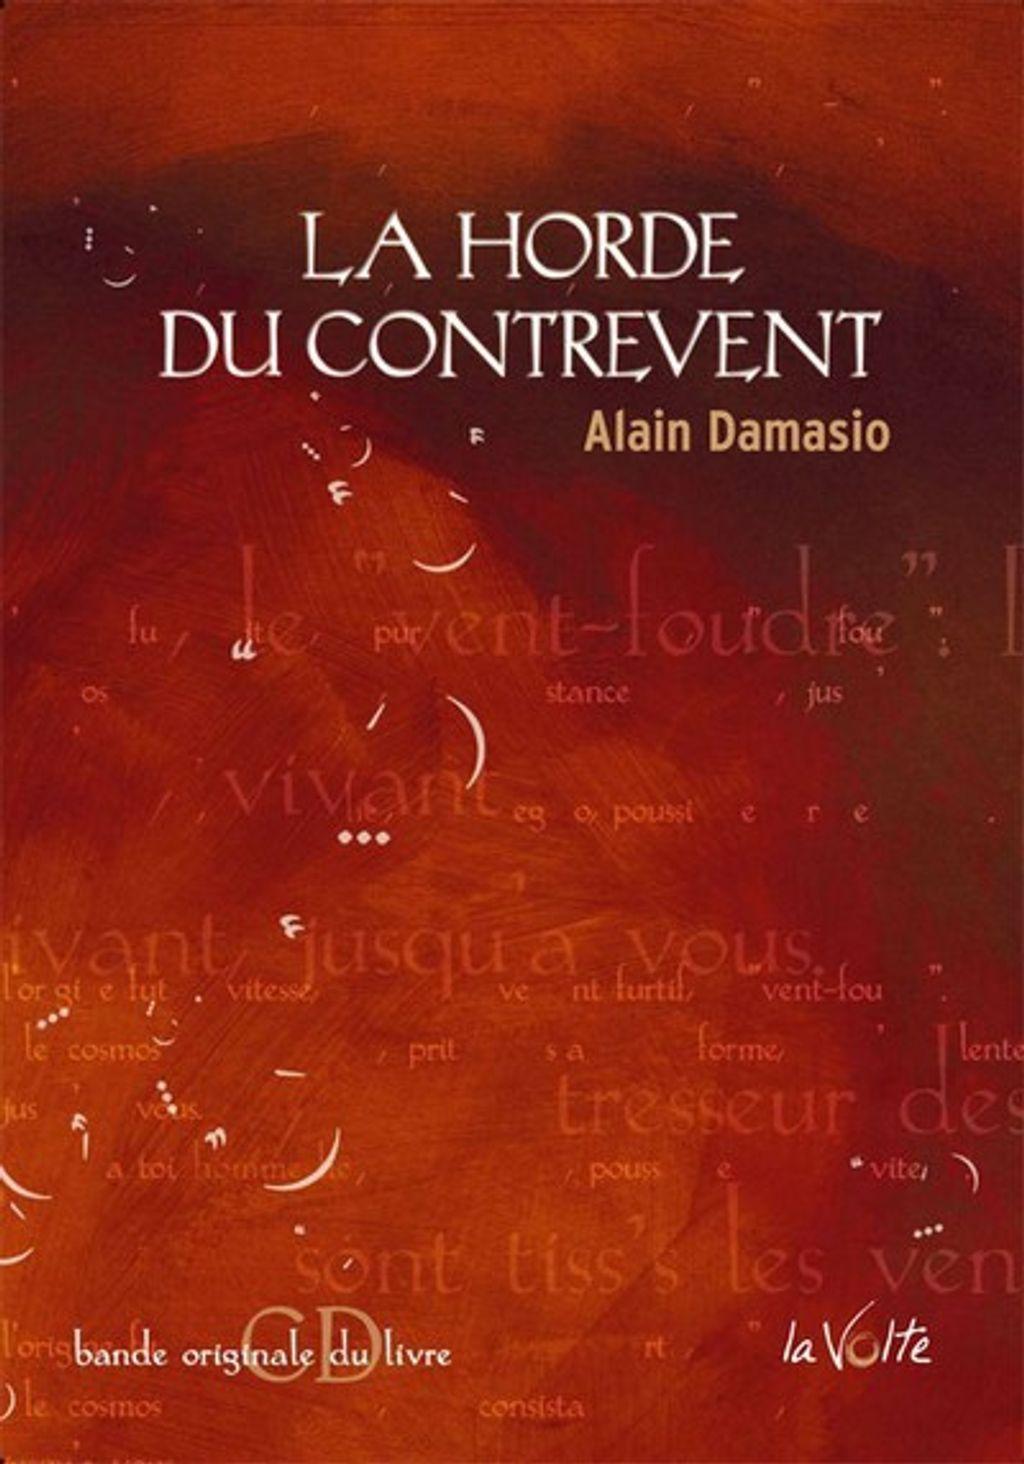 La Horde du Contrevent, une expérience littéraire